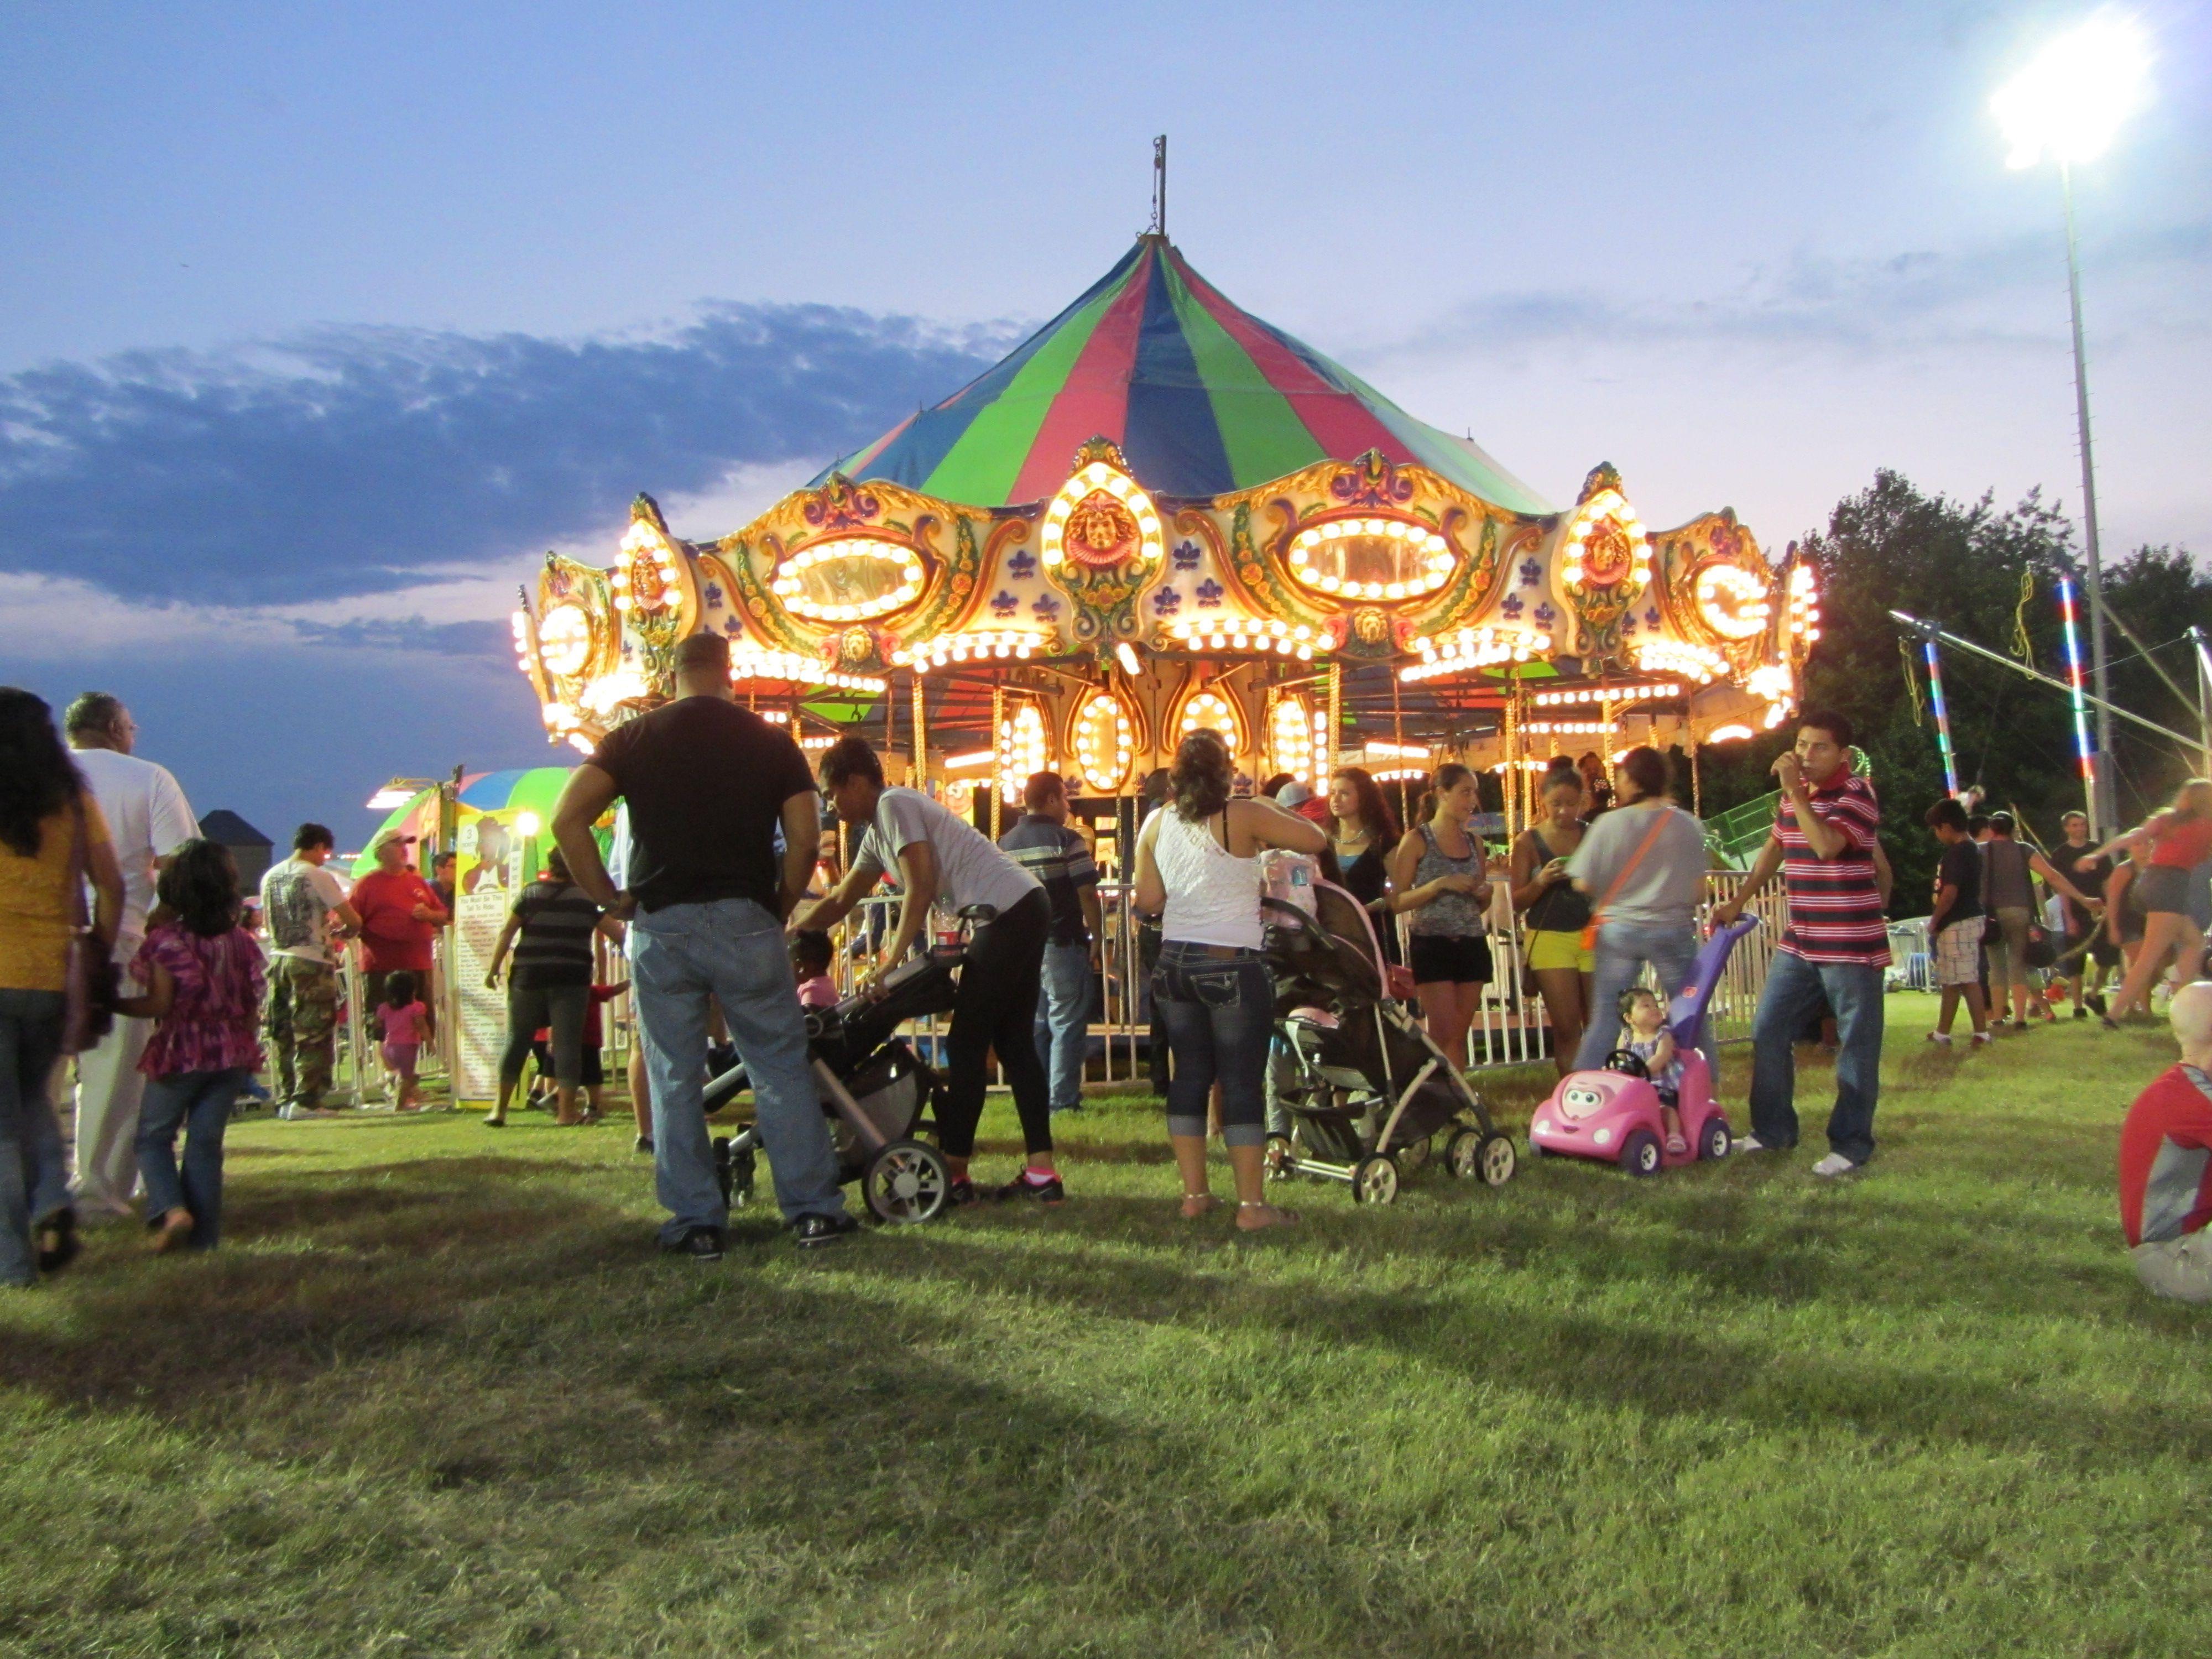 Virginia S Arlington County Fair 2018